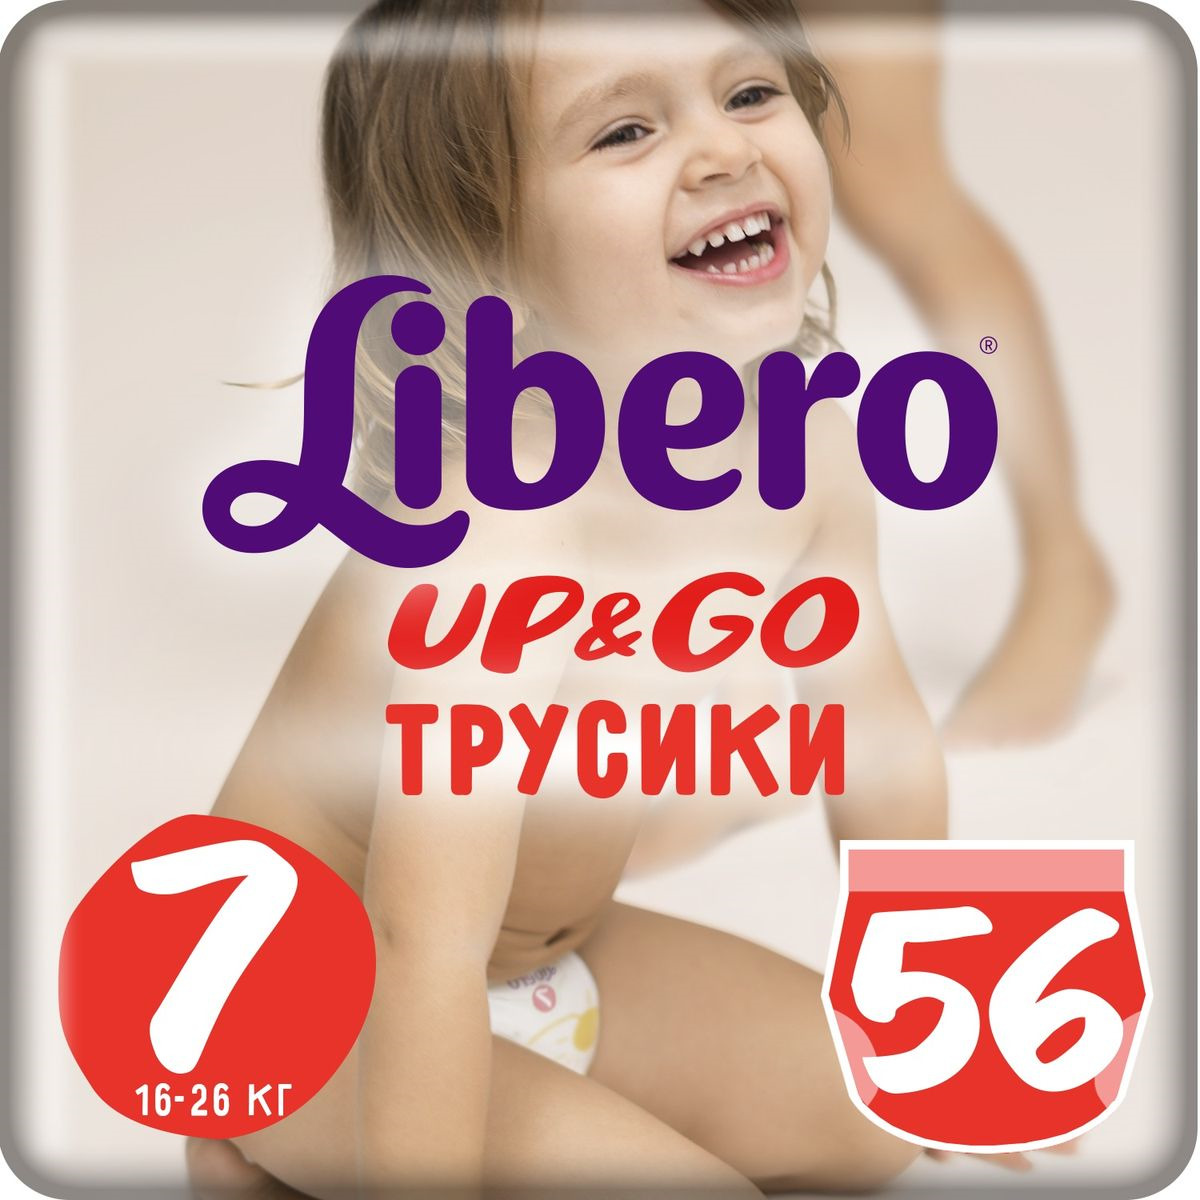 Трусики Libero Up&Go Size 7 (16-26 кг), 56 шт libero трусики up